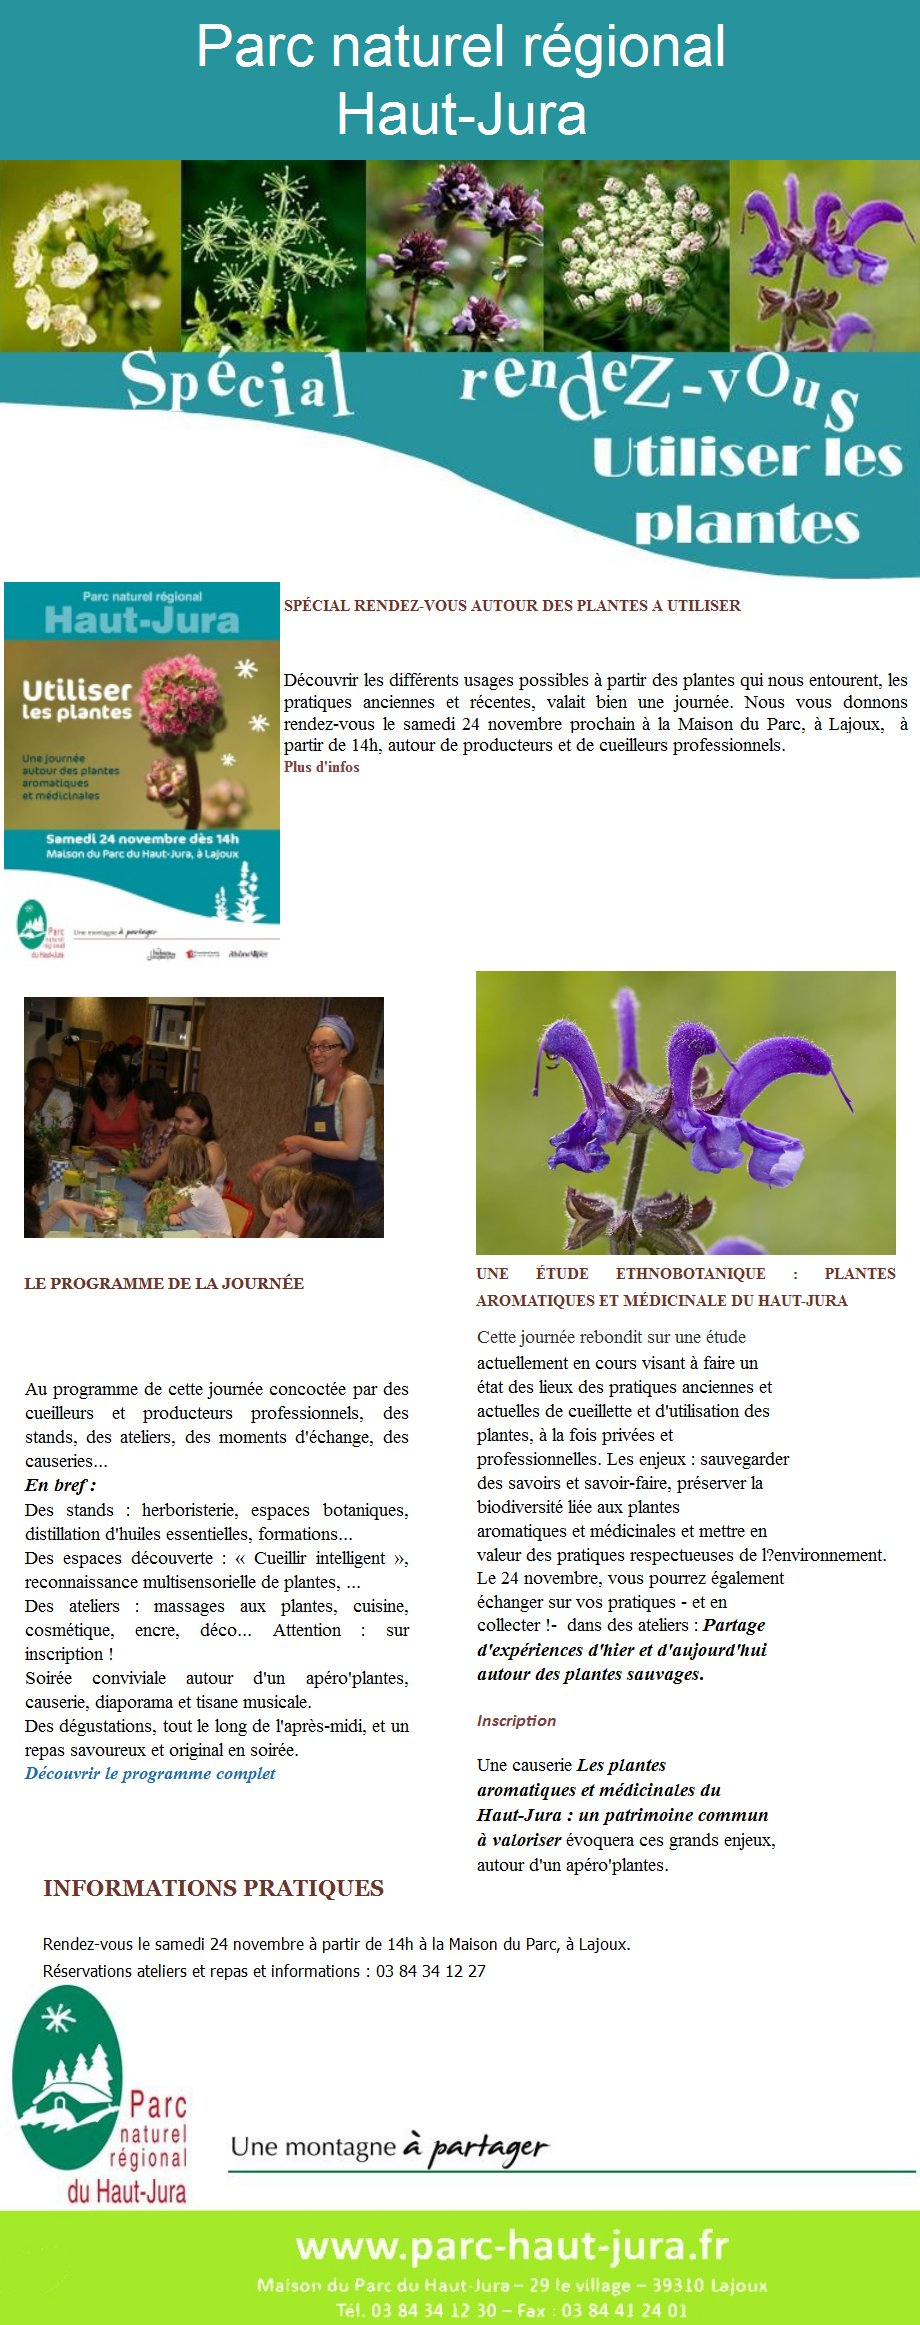 Les plantes - conférence par la Maison du Parc - 24 novembre 2012 2012-11-10_info_parc_01